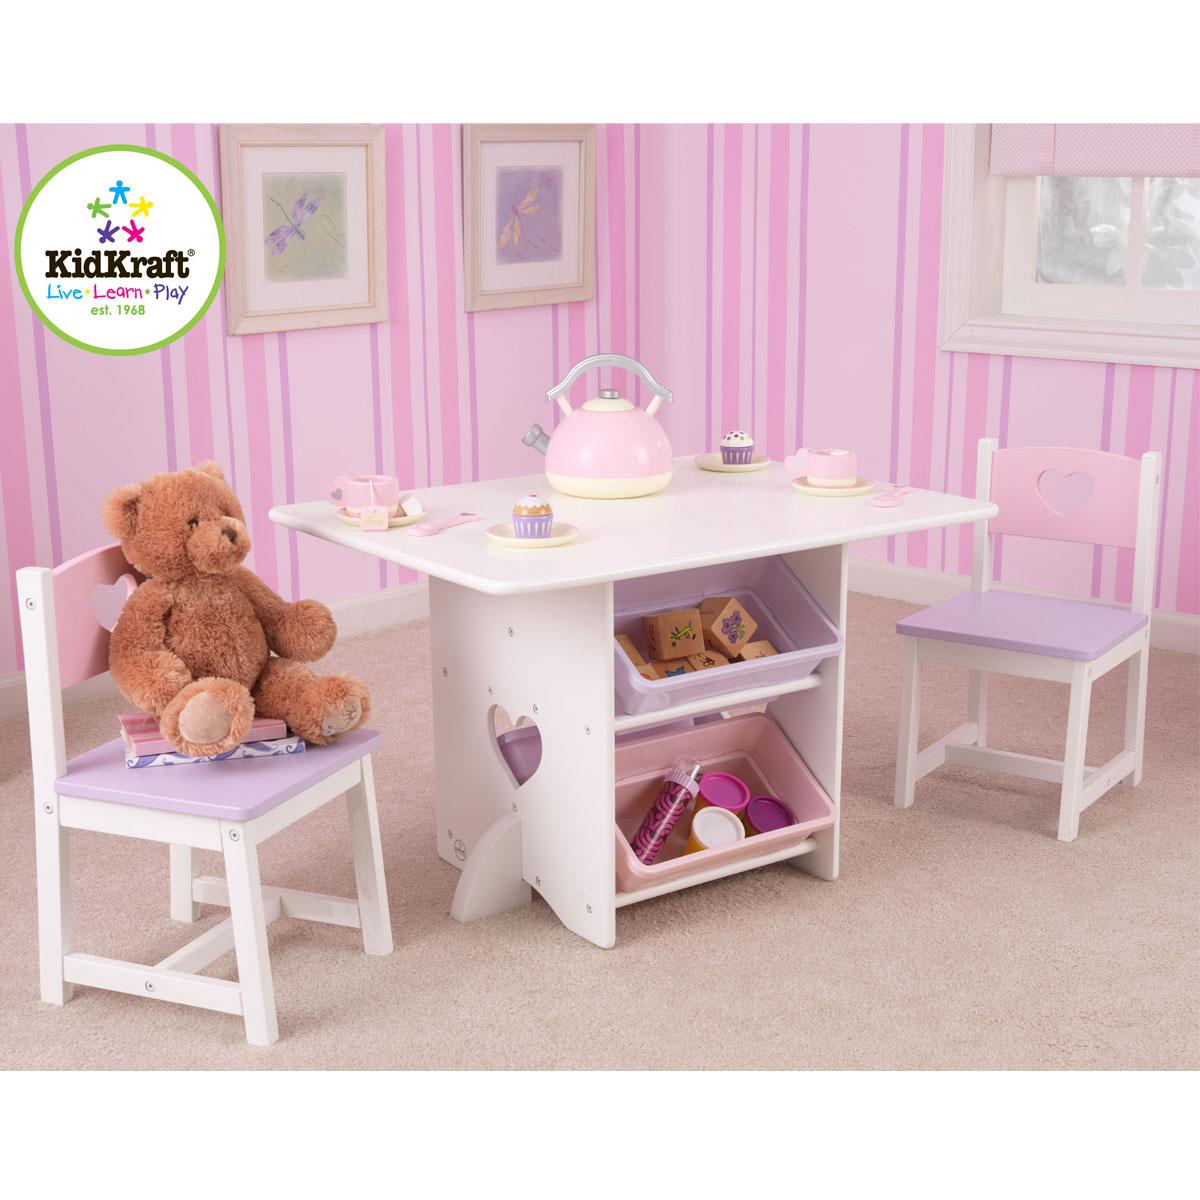 Kidkraft 26913 heart set tavolo e sedia per bambini con for Tavolino e sedia montessori